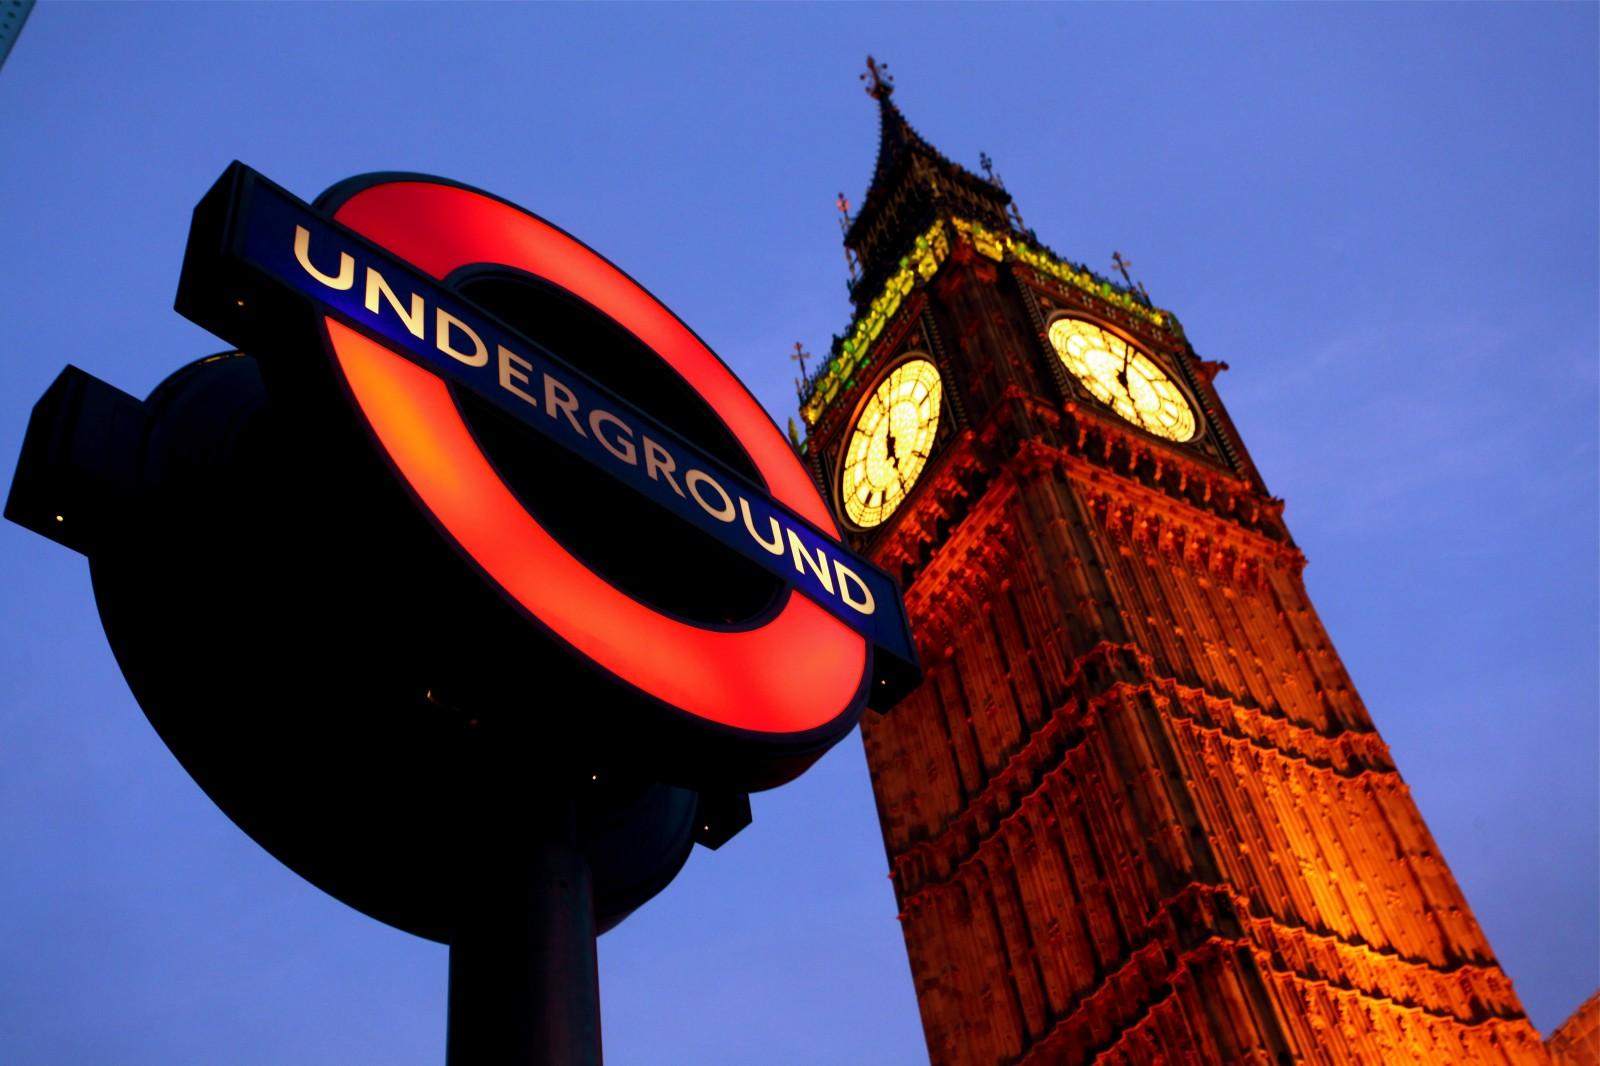 underground london tube big ben